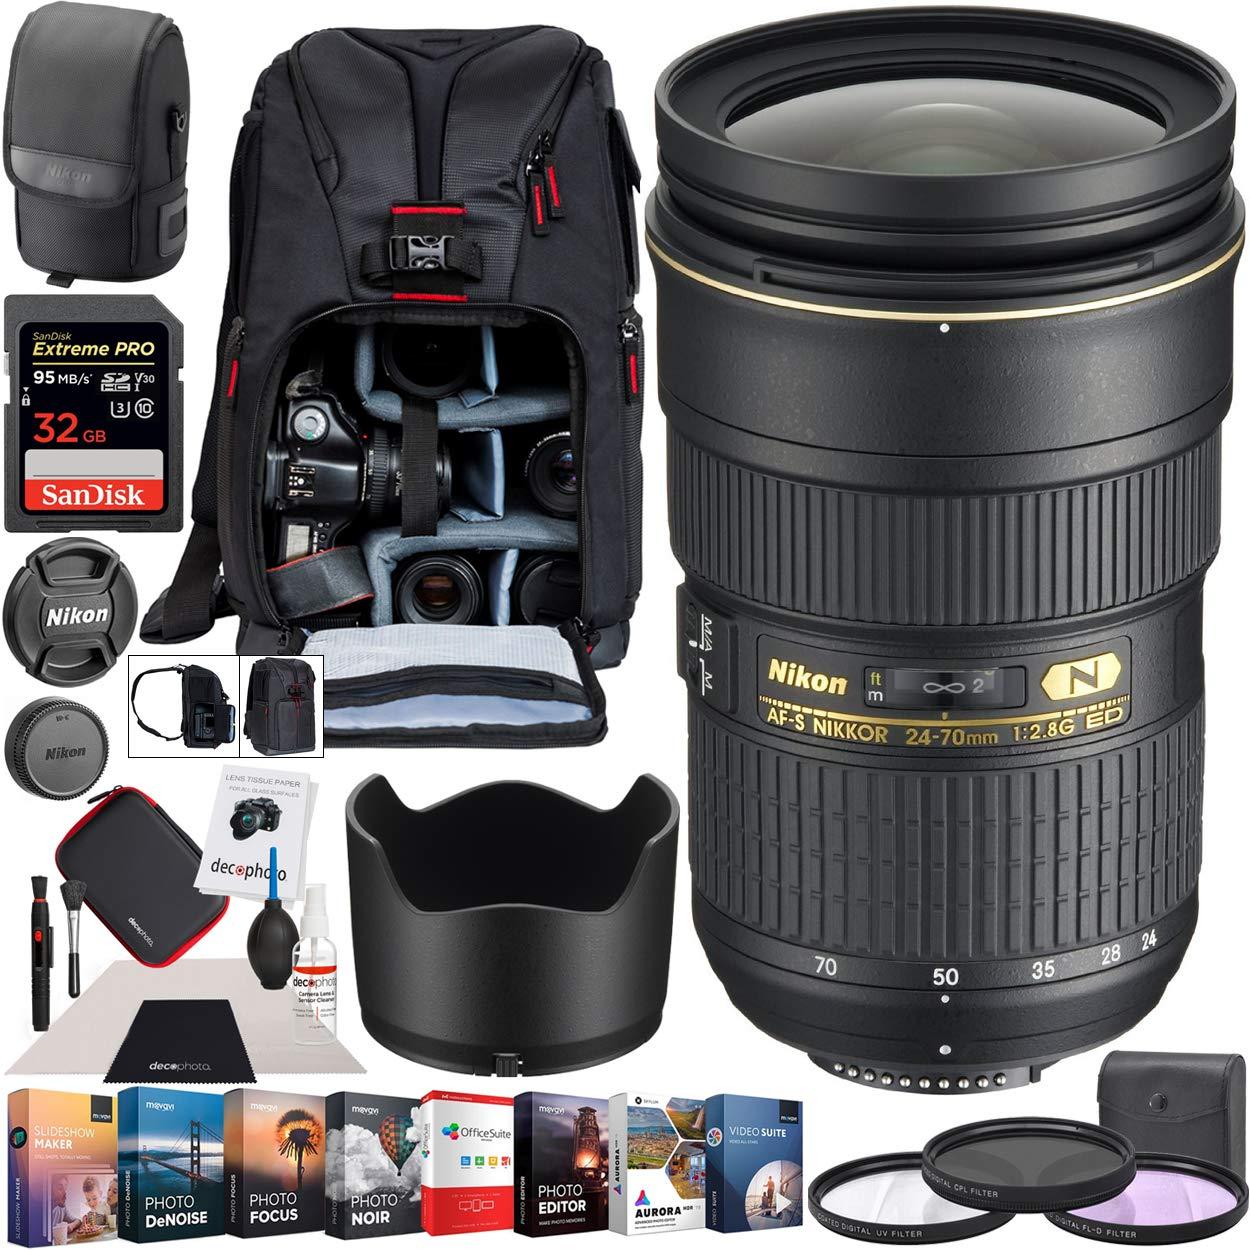 Nikon AF-S NIKKOR 24-70mm f/2.8G ED Zoom Lens: Amazon.es: Electrónica